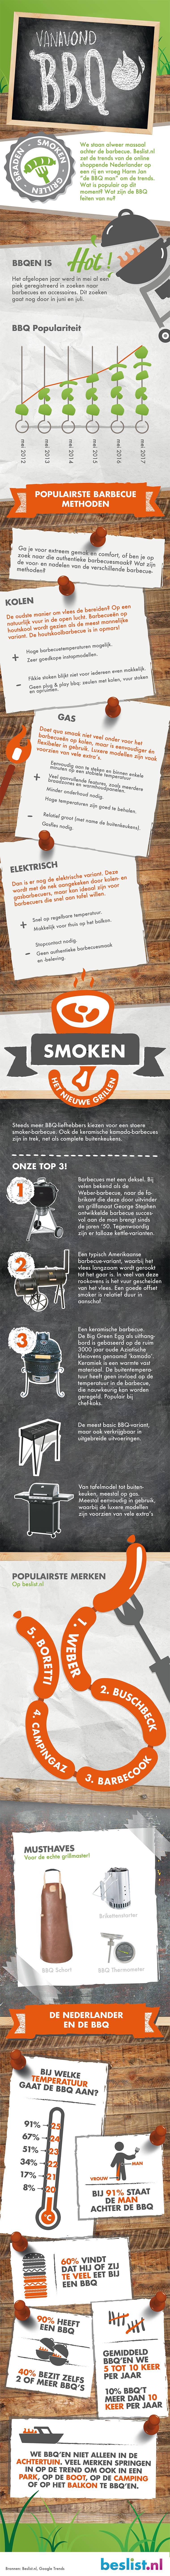 Infographic BBQen